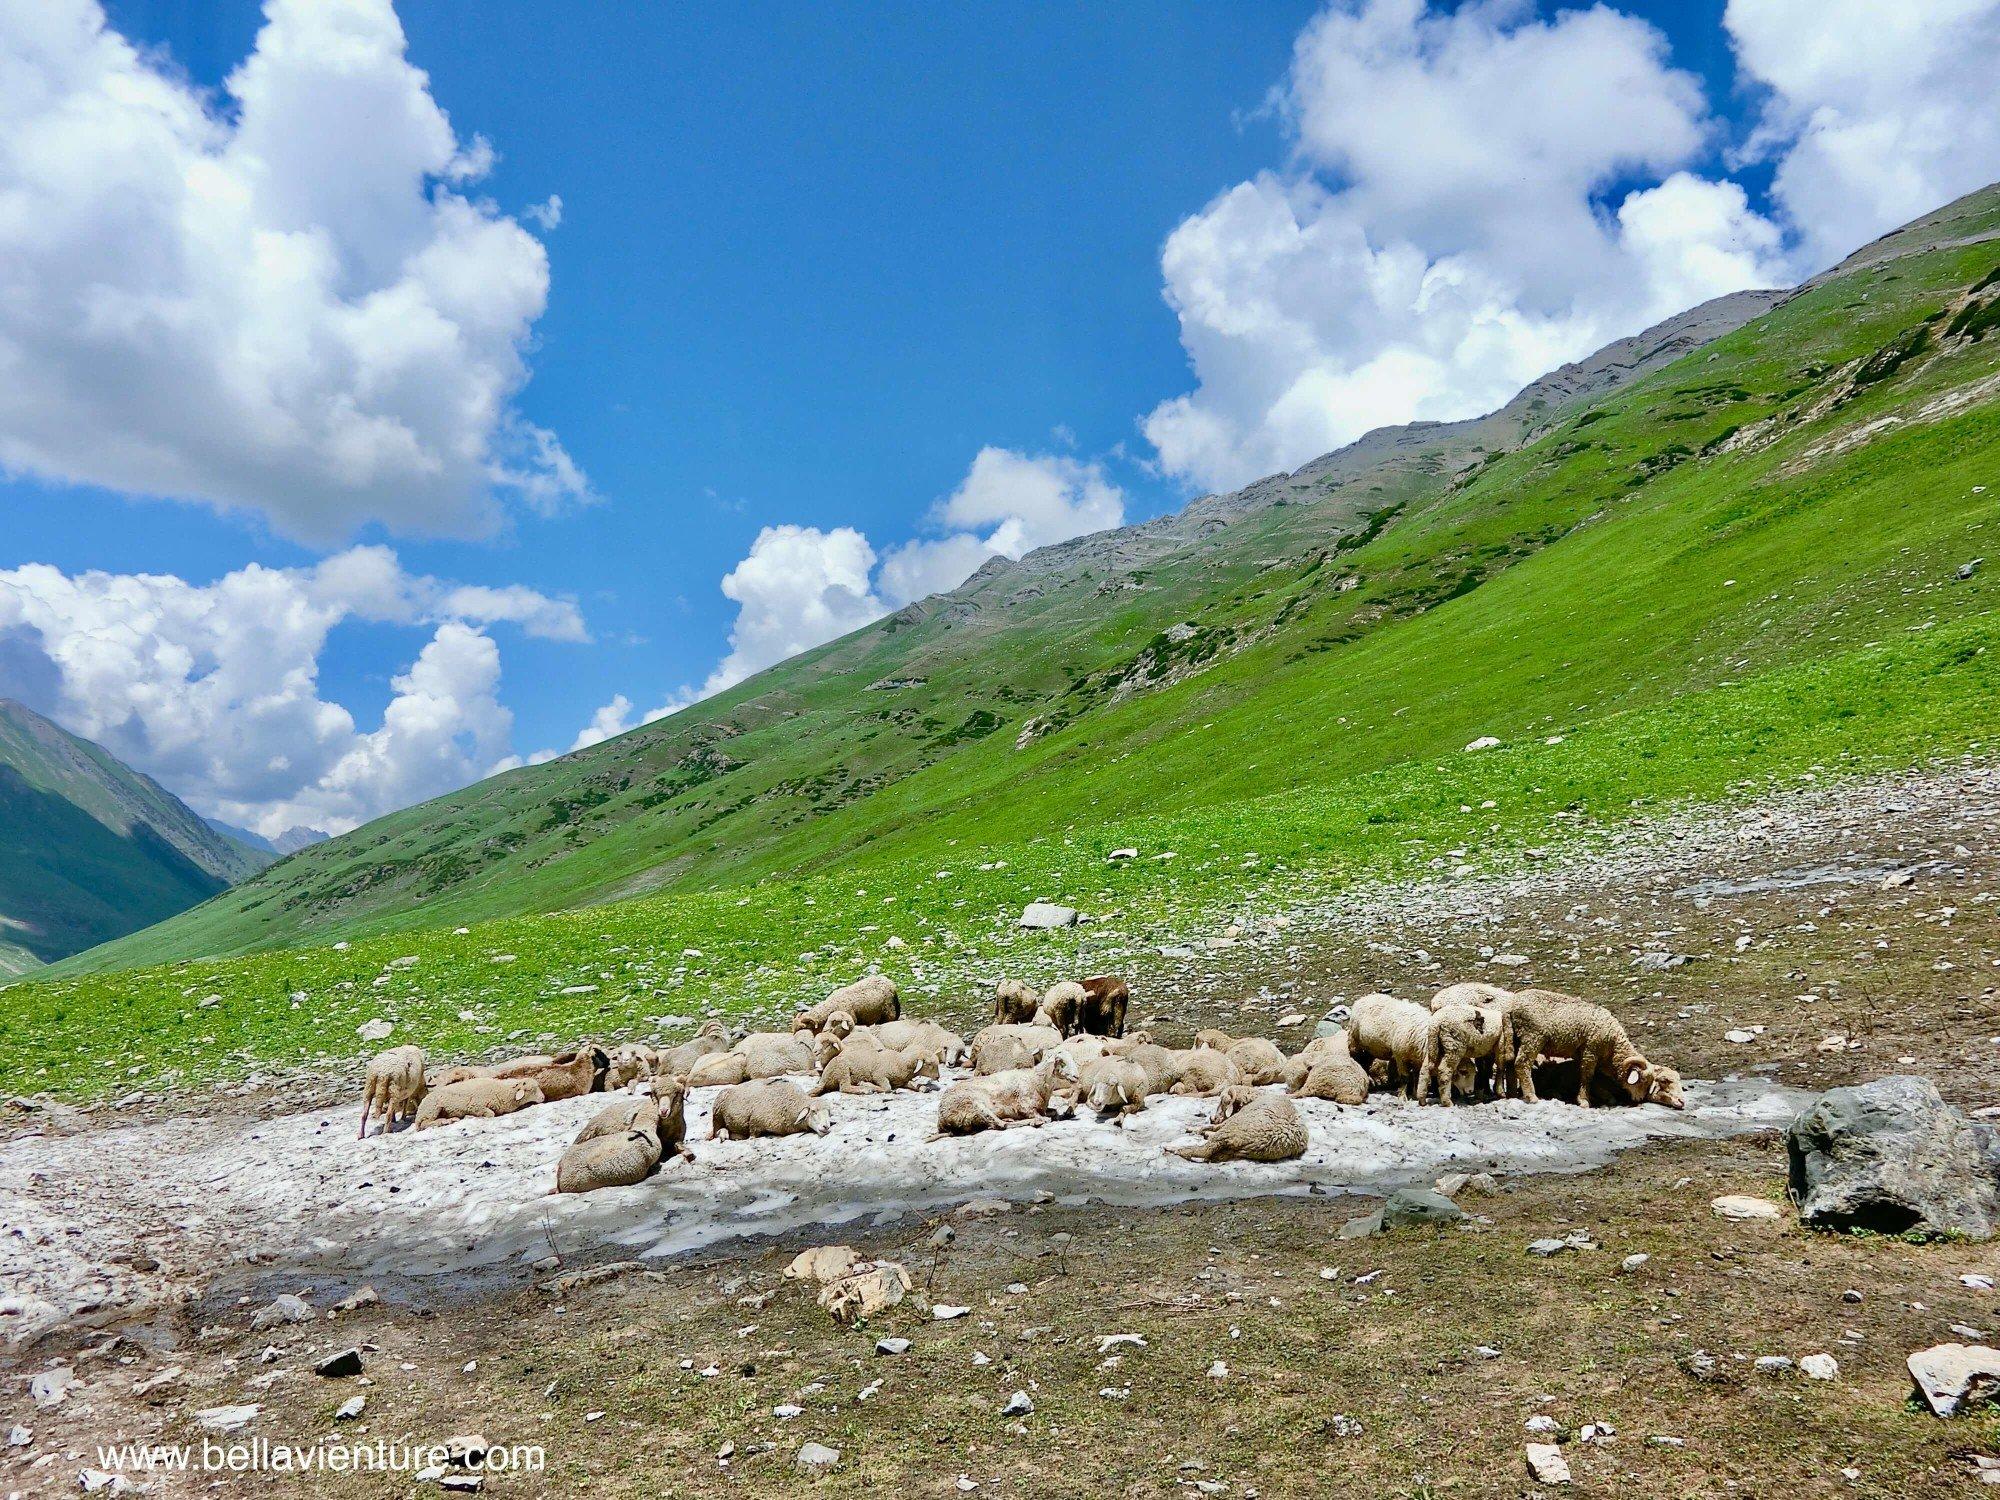 印度India 北北印 North India 喀什米爾 Kashmir 大湖健行 trekking 牧羊群 冰河